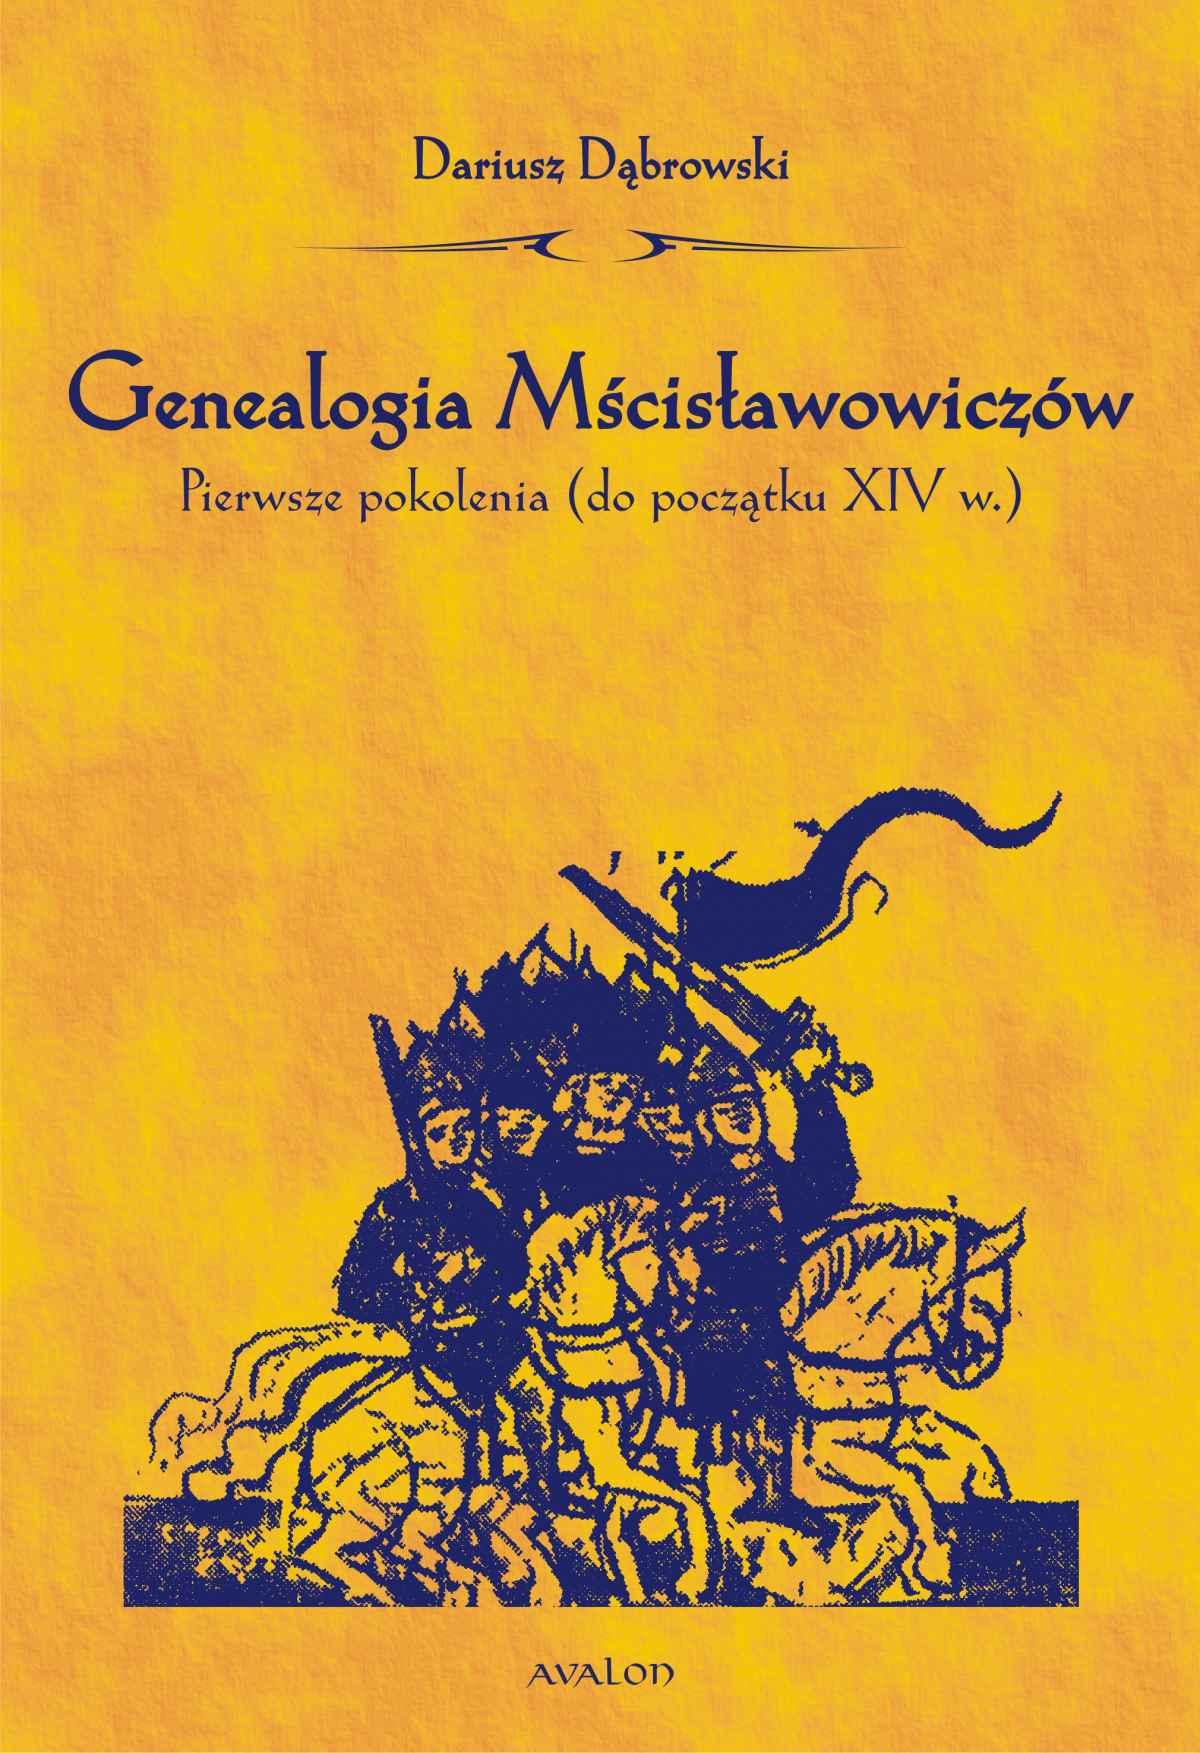 Genealogia Mścisławowiczów. Pierwsze pokolenia (do początku XIV wieku) - Ebook (Książka PDF) do pobrania w formacie PDF